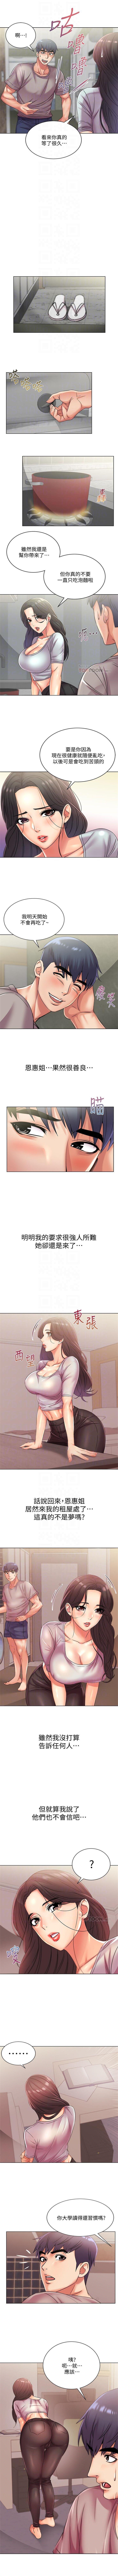 (週3)超市的漂亮姐姐 1-22 中文翻譯(更新中) 128